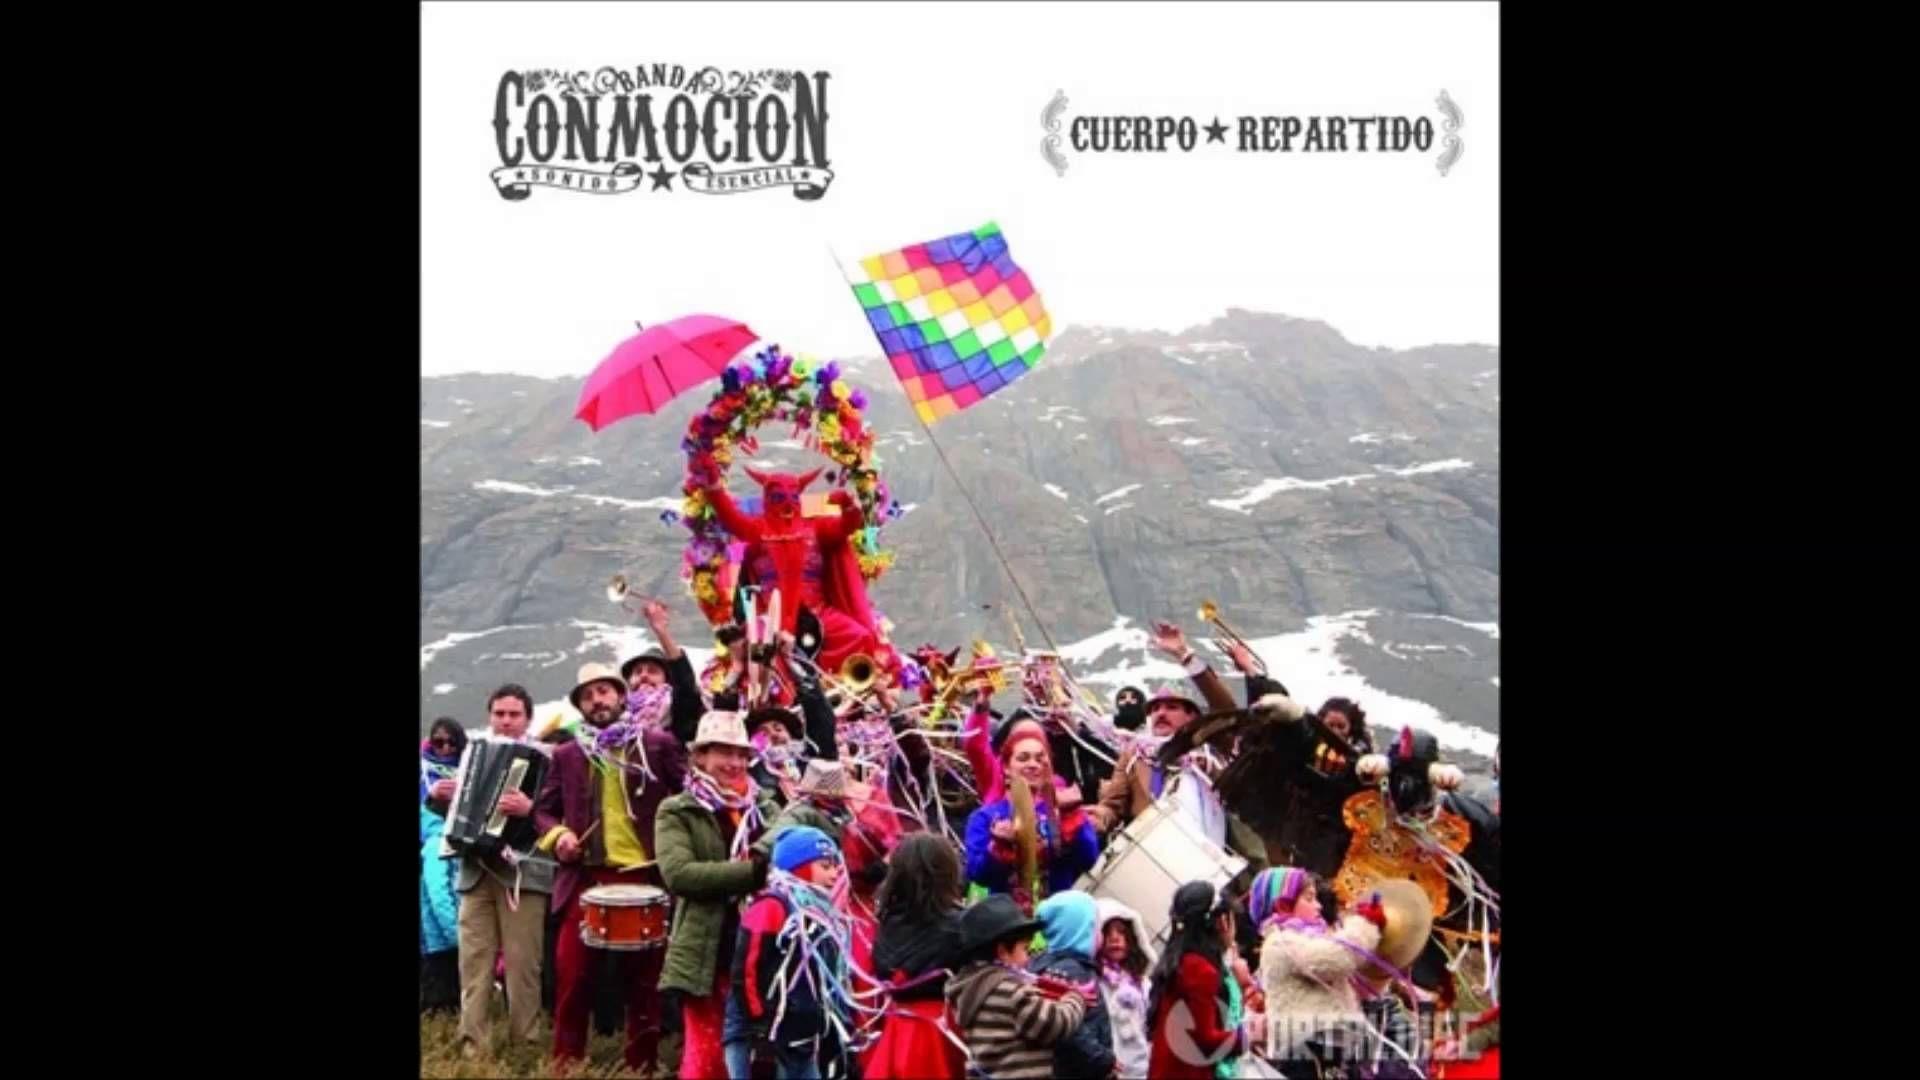 Banda Conmoción - Cuerpo Repartido (Disco Completo)